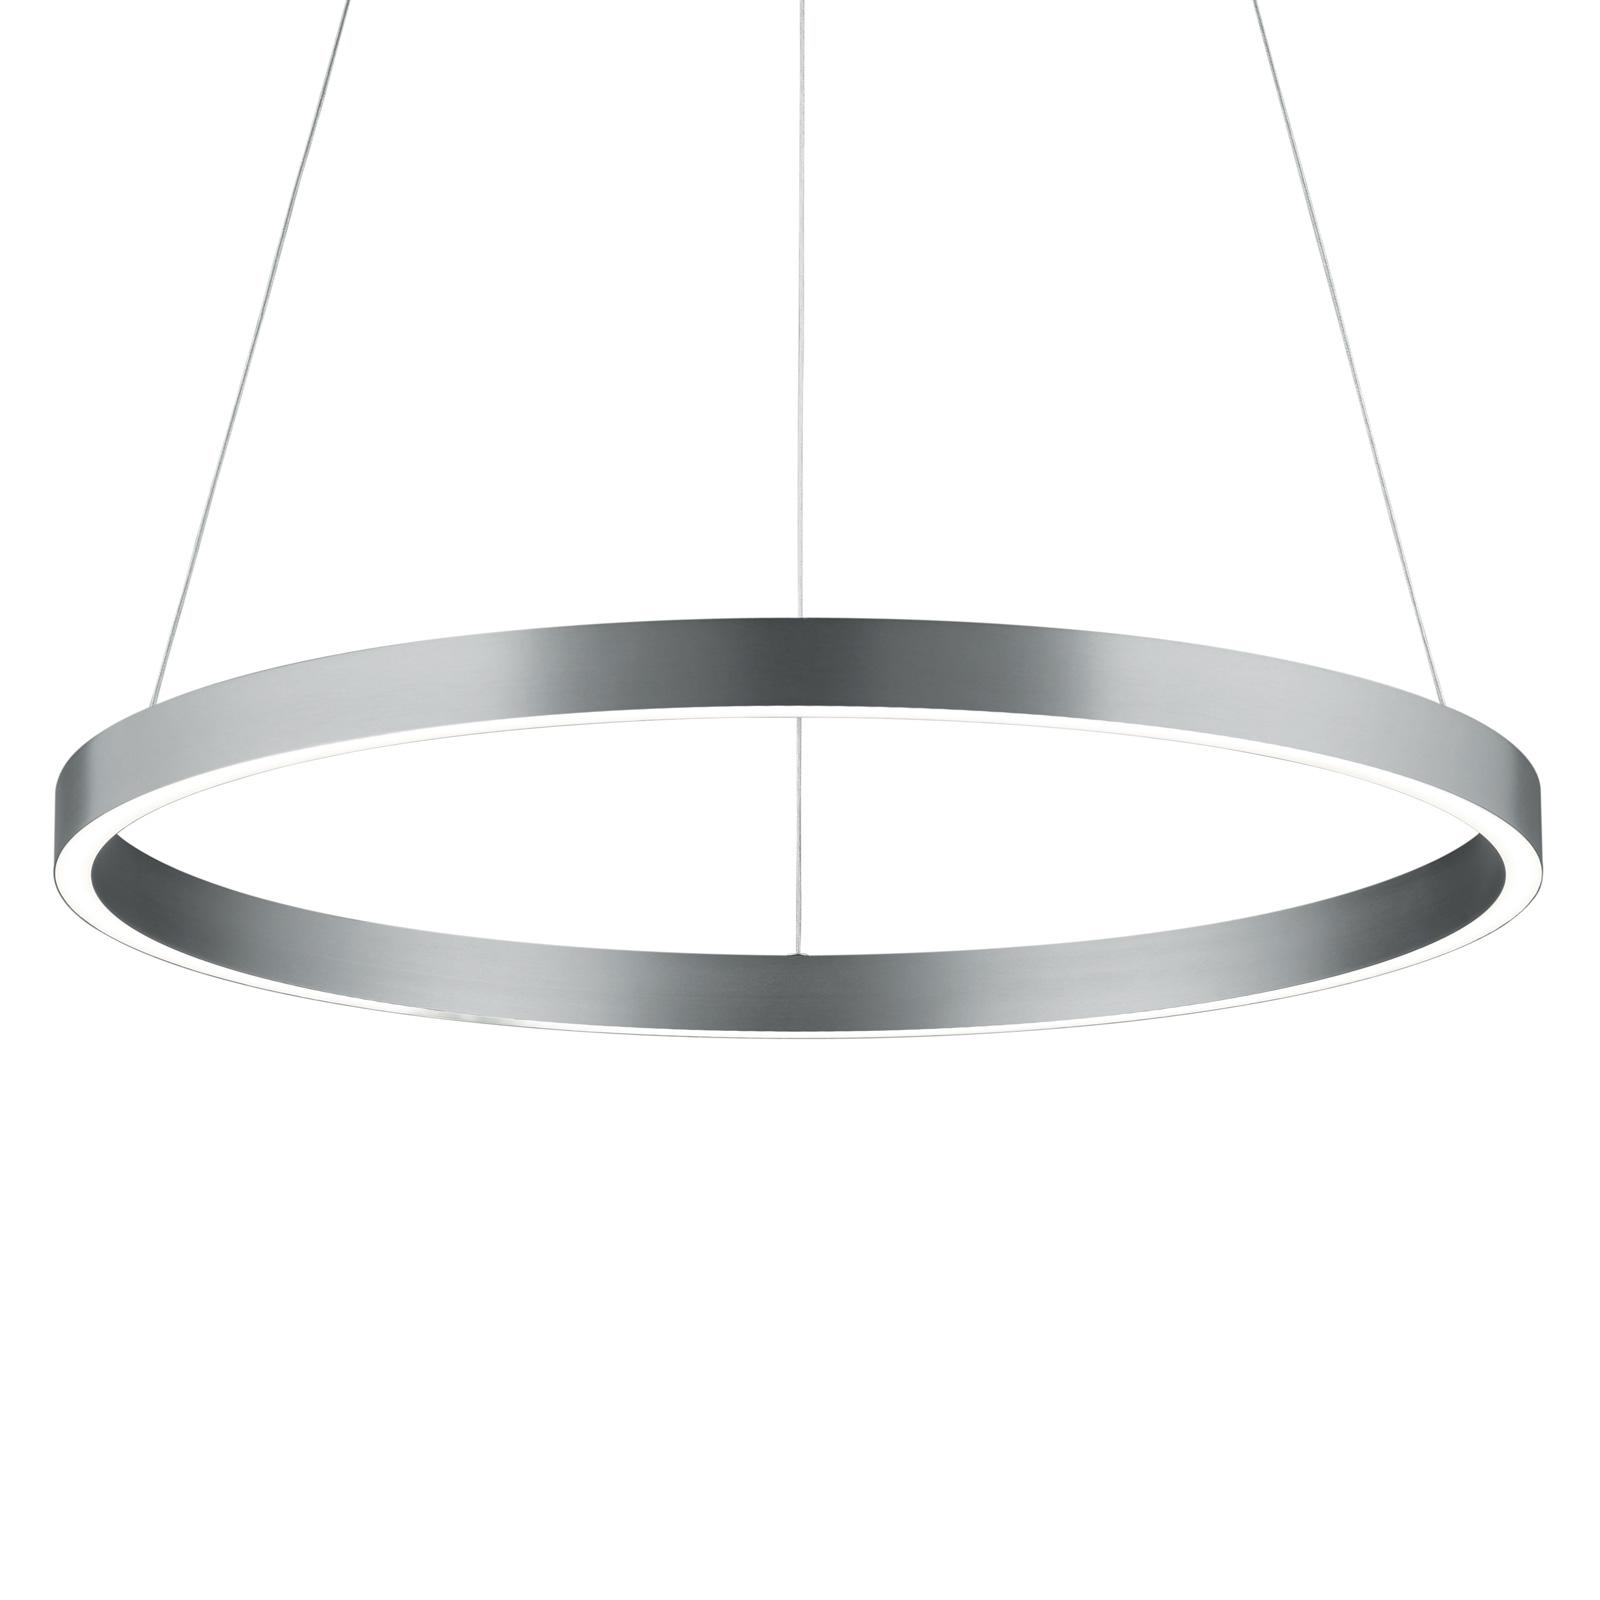 Lampa wisząca LED Svea-L 60 nikiel